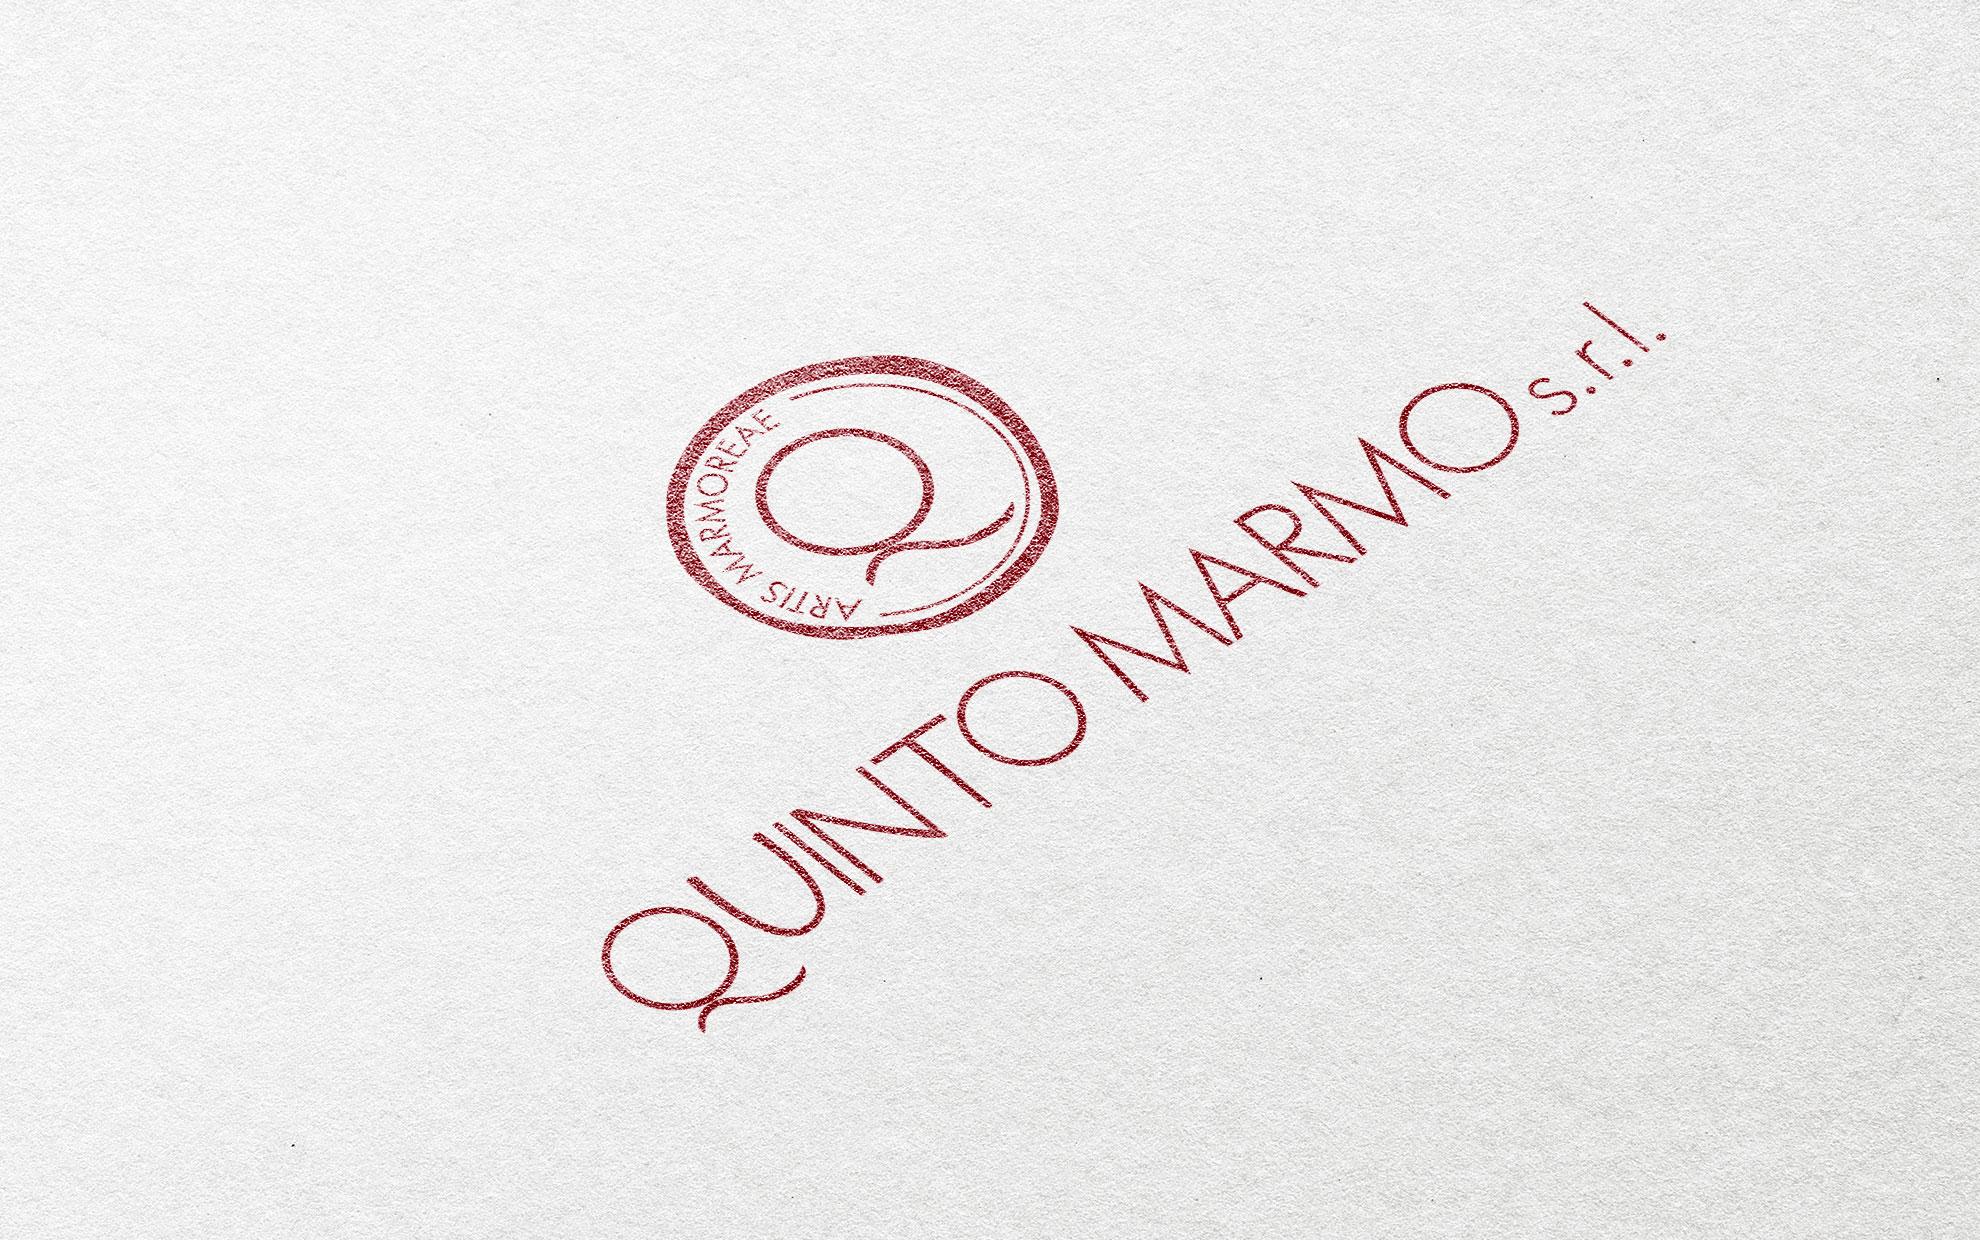 progettazione logo e immagine coordinata Quinto Marmo Srl